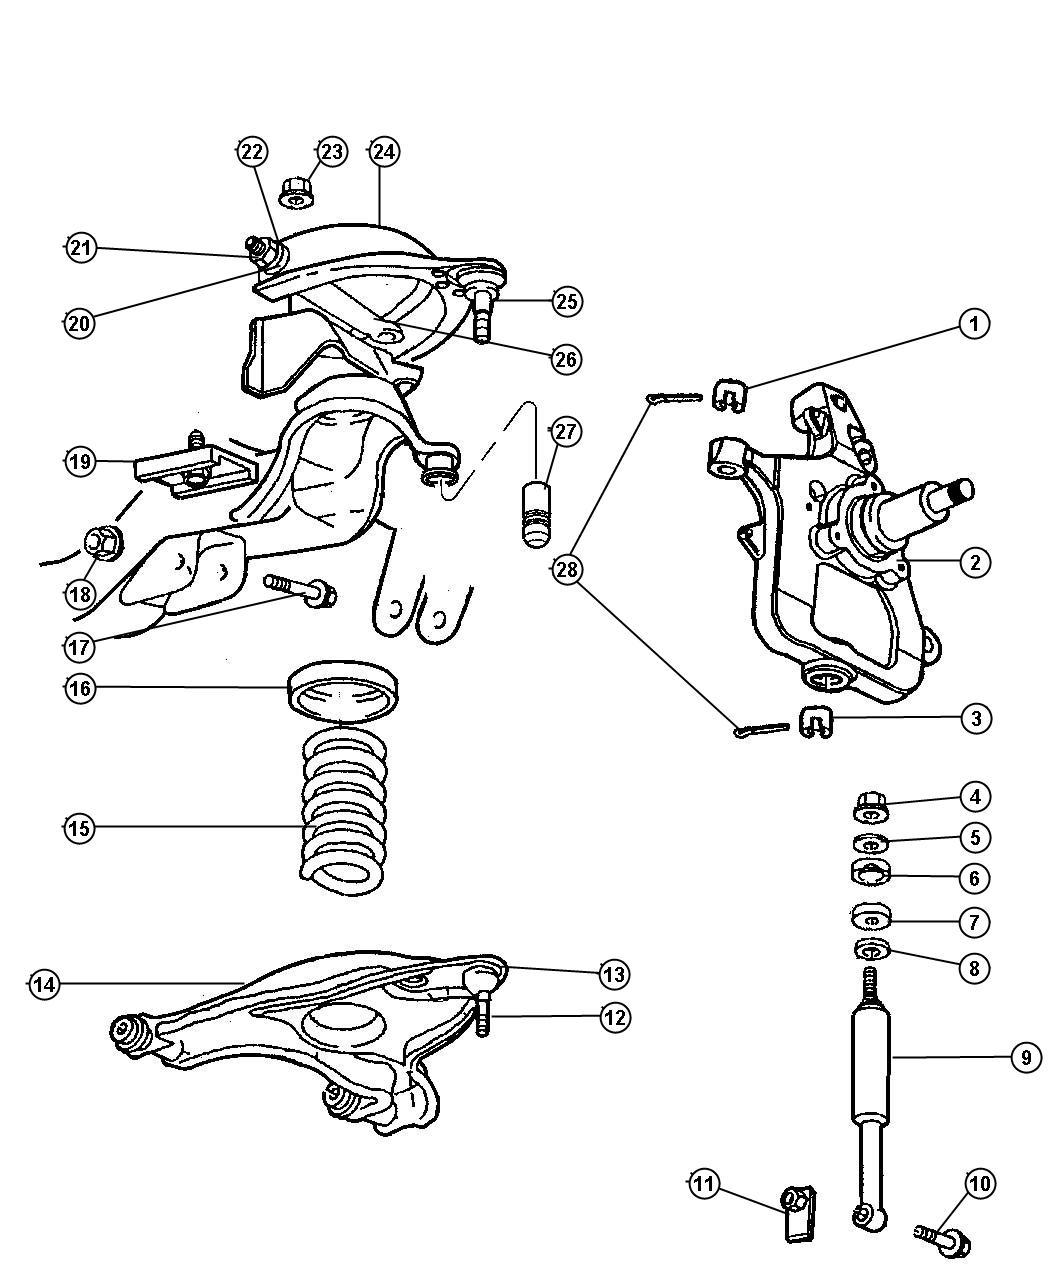 Dodge Ram 2500 Shock absorber package. Suspension. Front